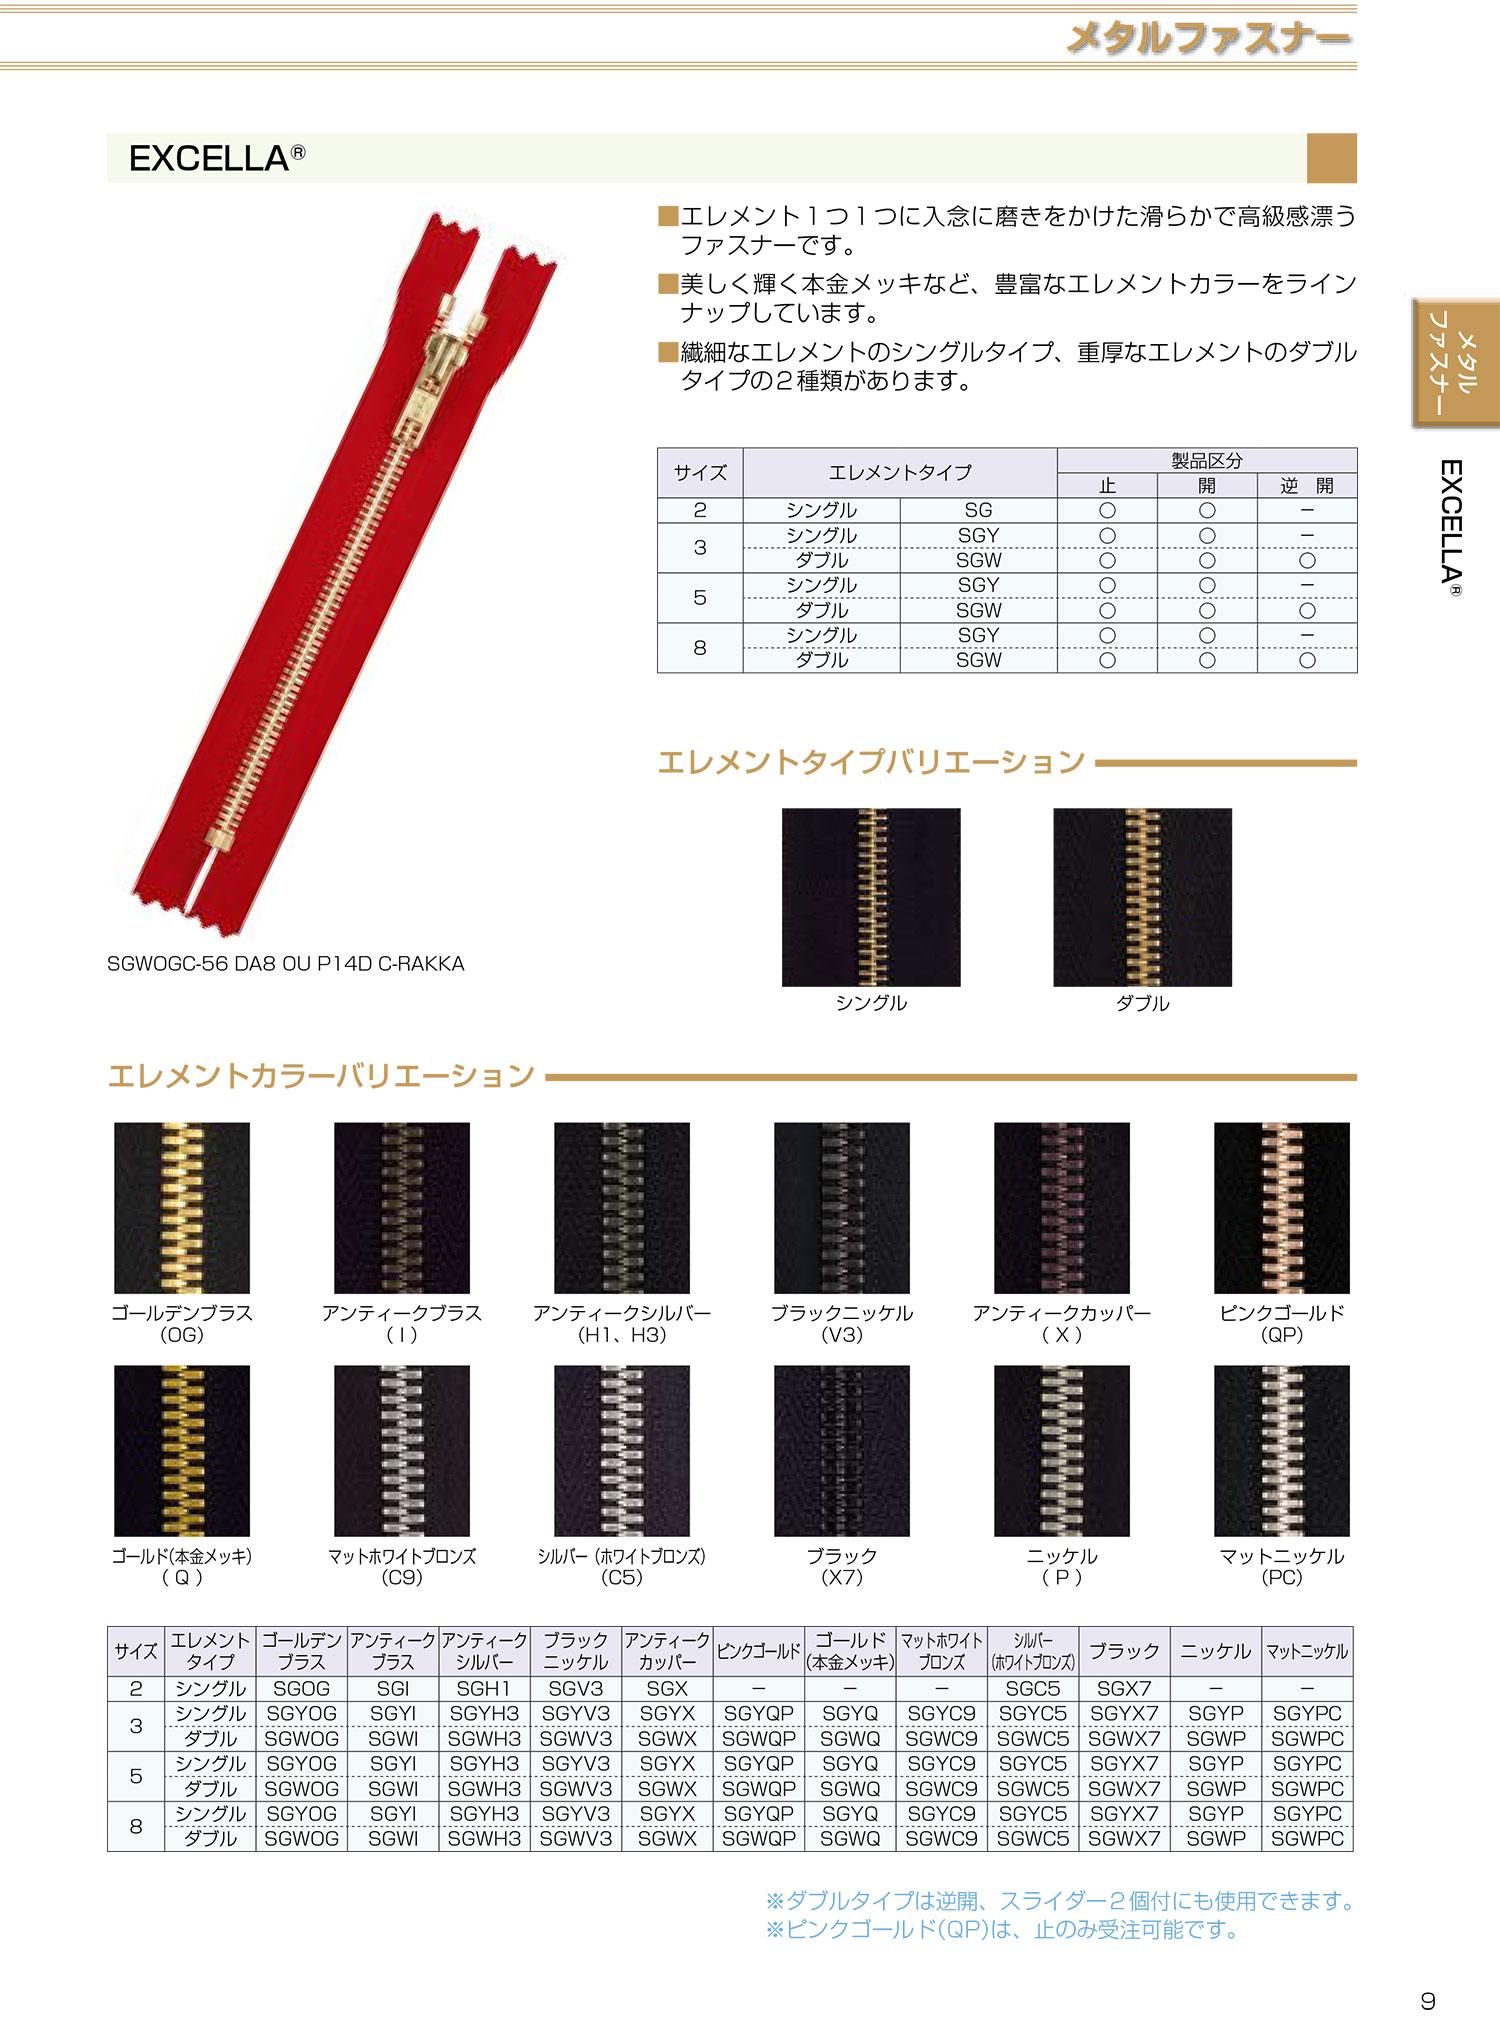 8SGYXC エクセラ 8サイズ アンティークカッパー 止め シングル[ファスナー] YKK/オークラ商事 - ApparelX アパレル資材卸通販